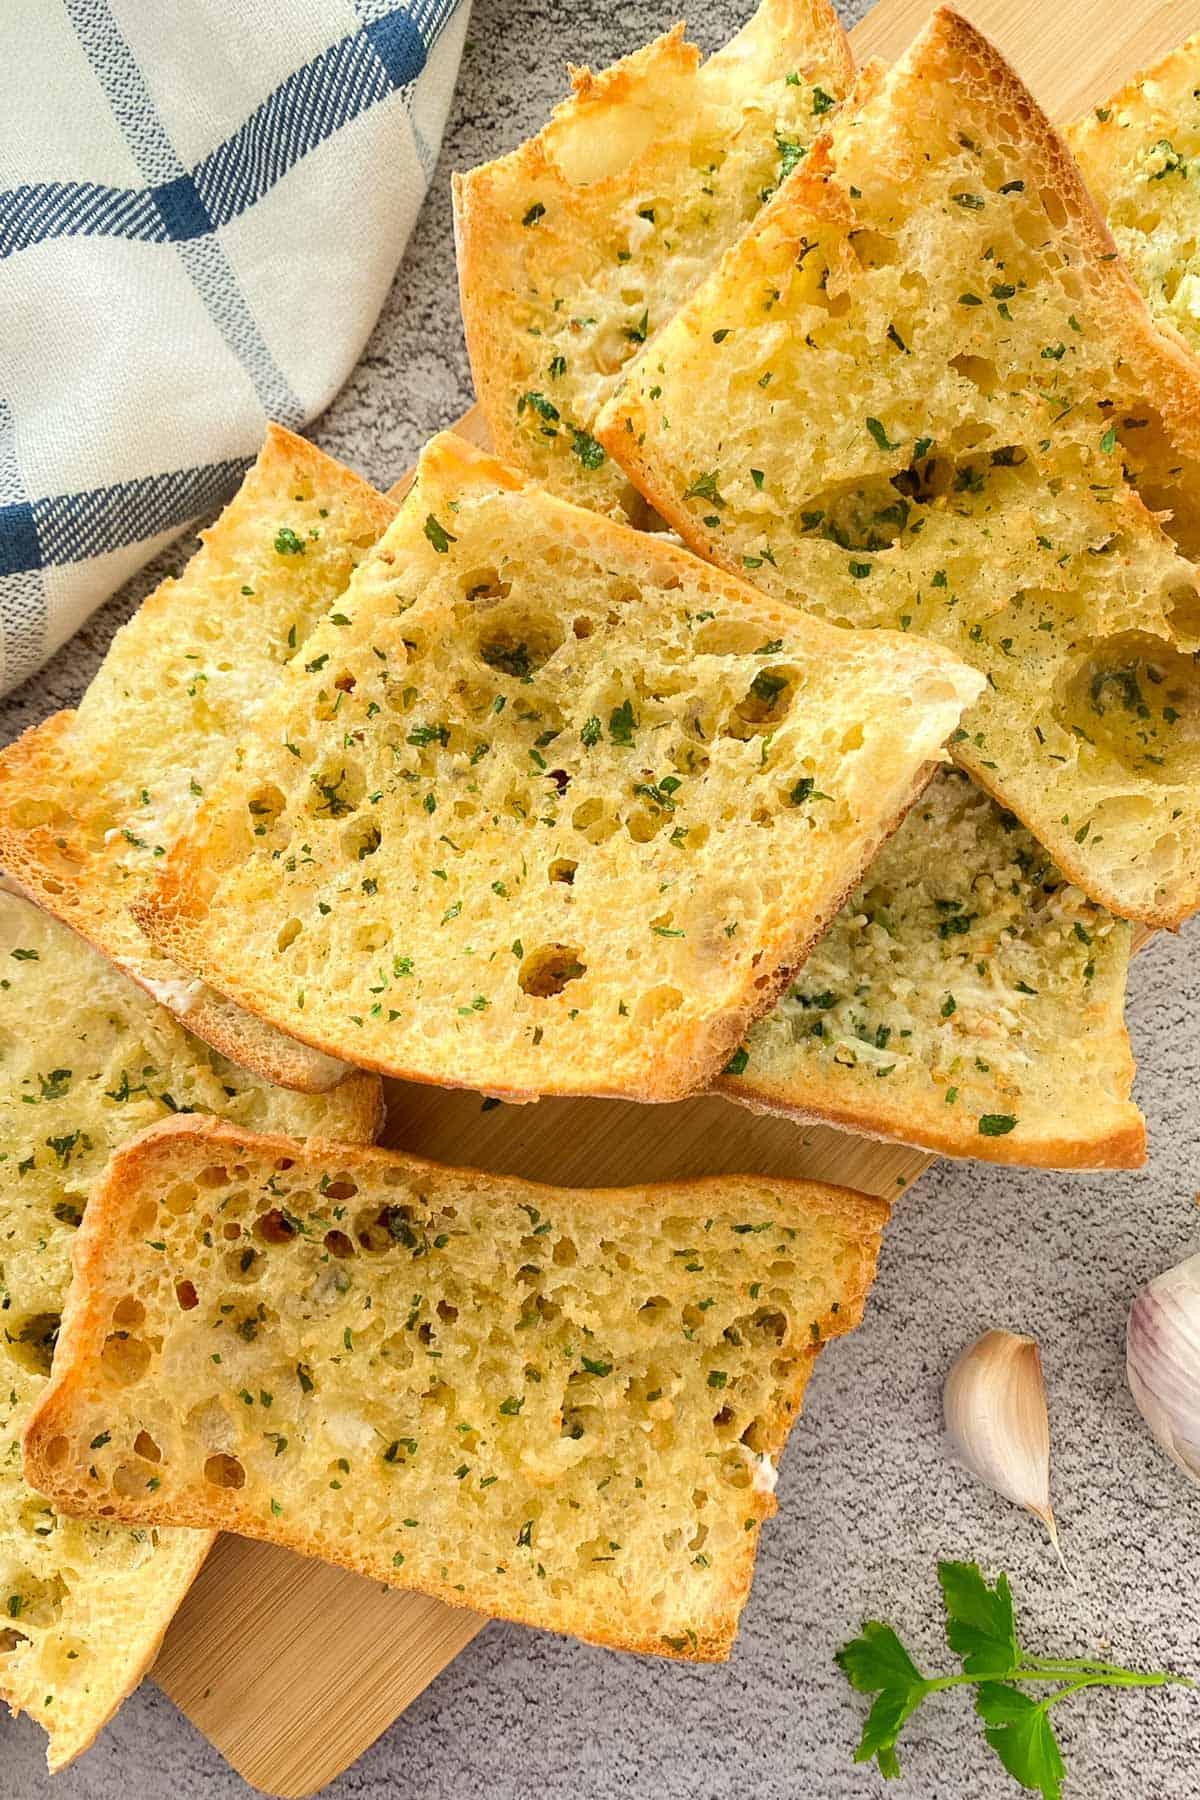 Crunchy garlic bread on cutting board with parsley garnish.